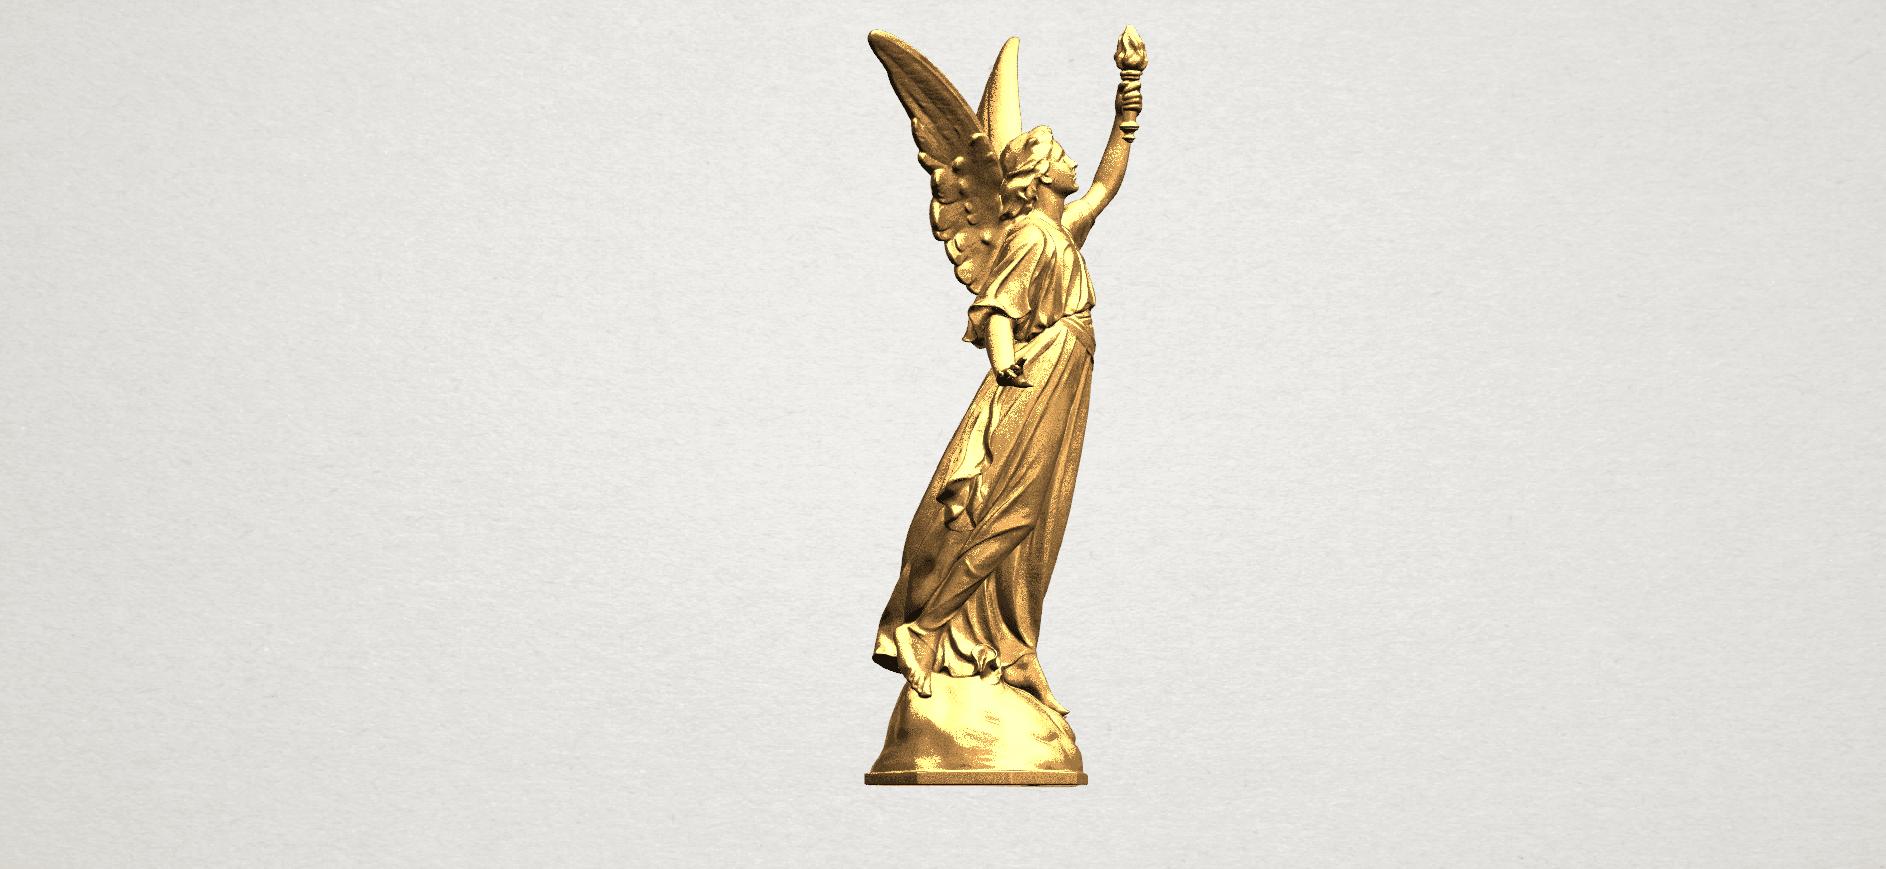 Statue 01 - A06.png Télécharger fichier STL gratuit Statue 01 • Design à imprimer en 3D, GeorgesNikkei